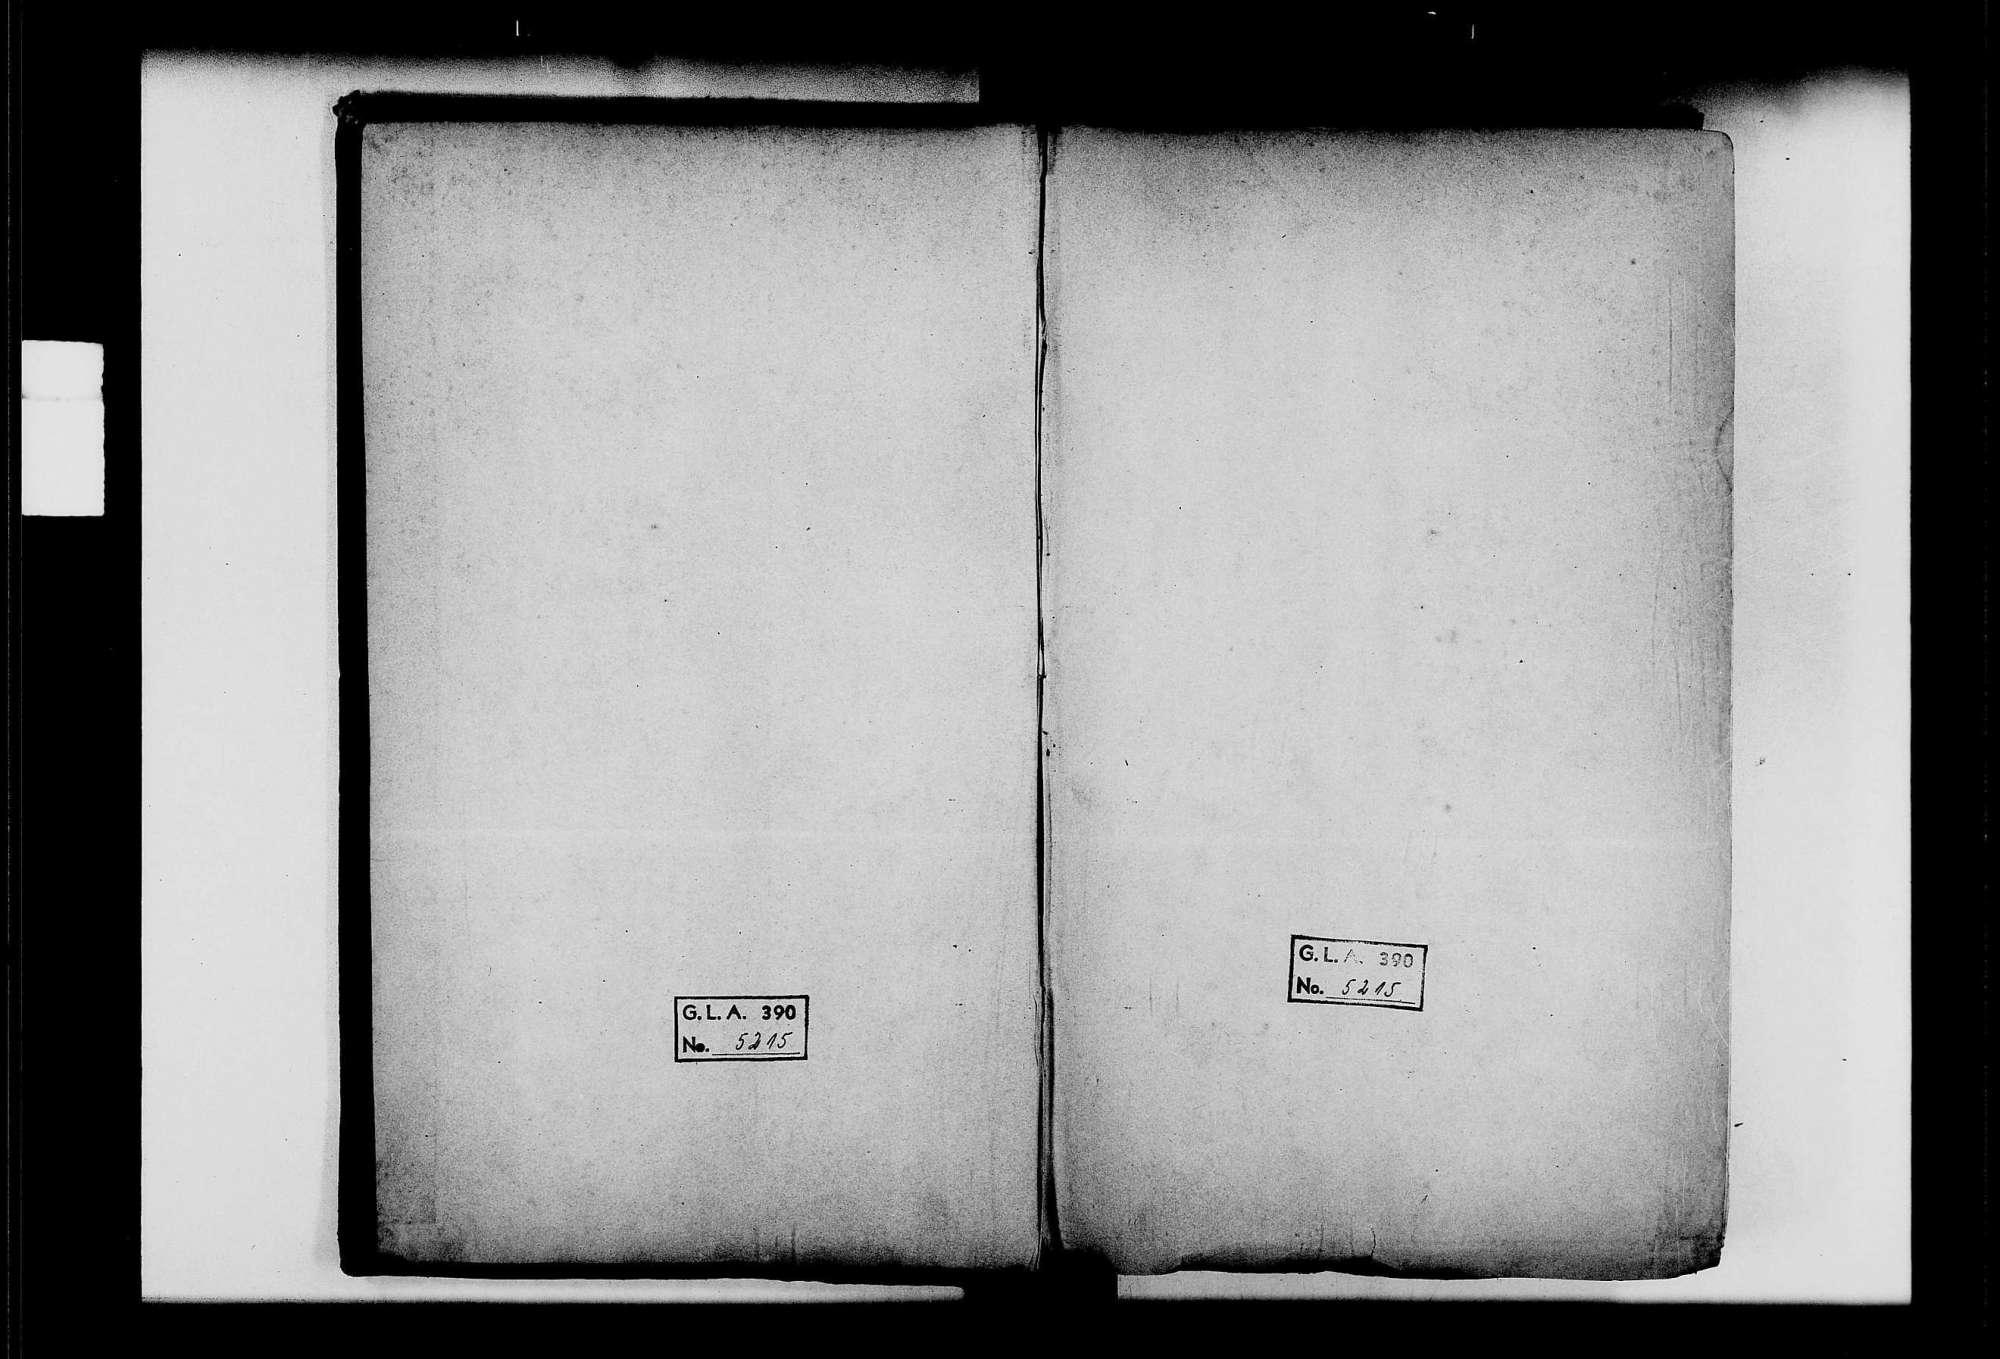 Werbach, katholische Gemeinde: Standesbuch 1860-1870, Bild 3